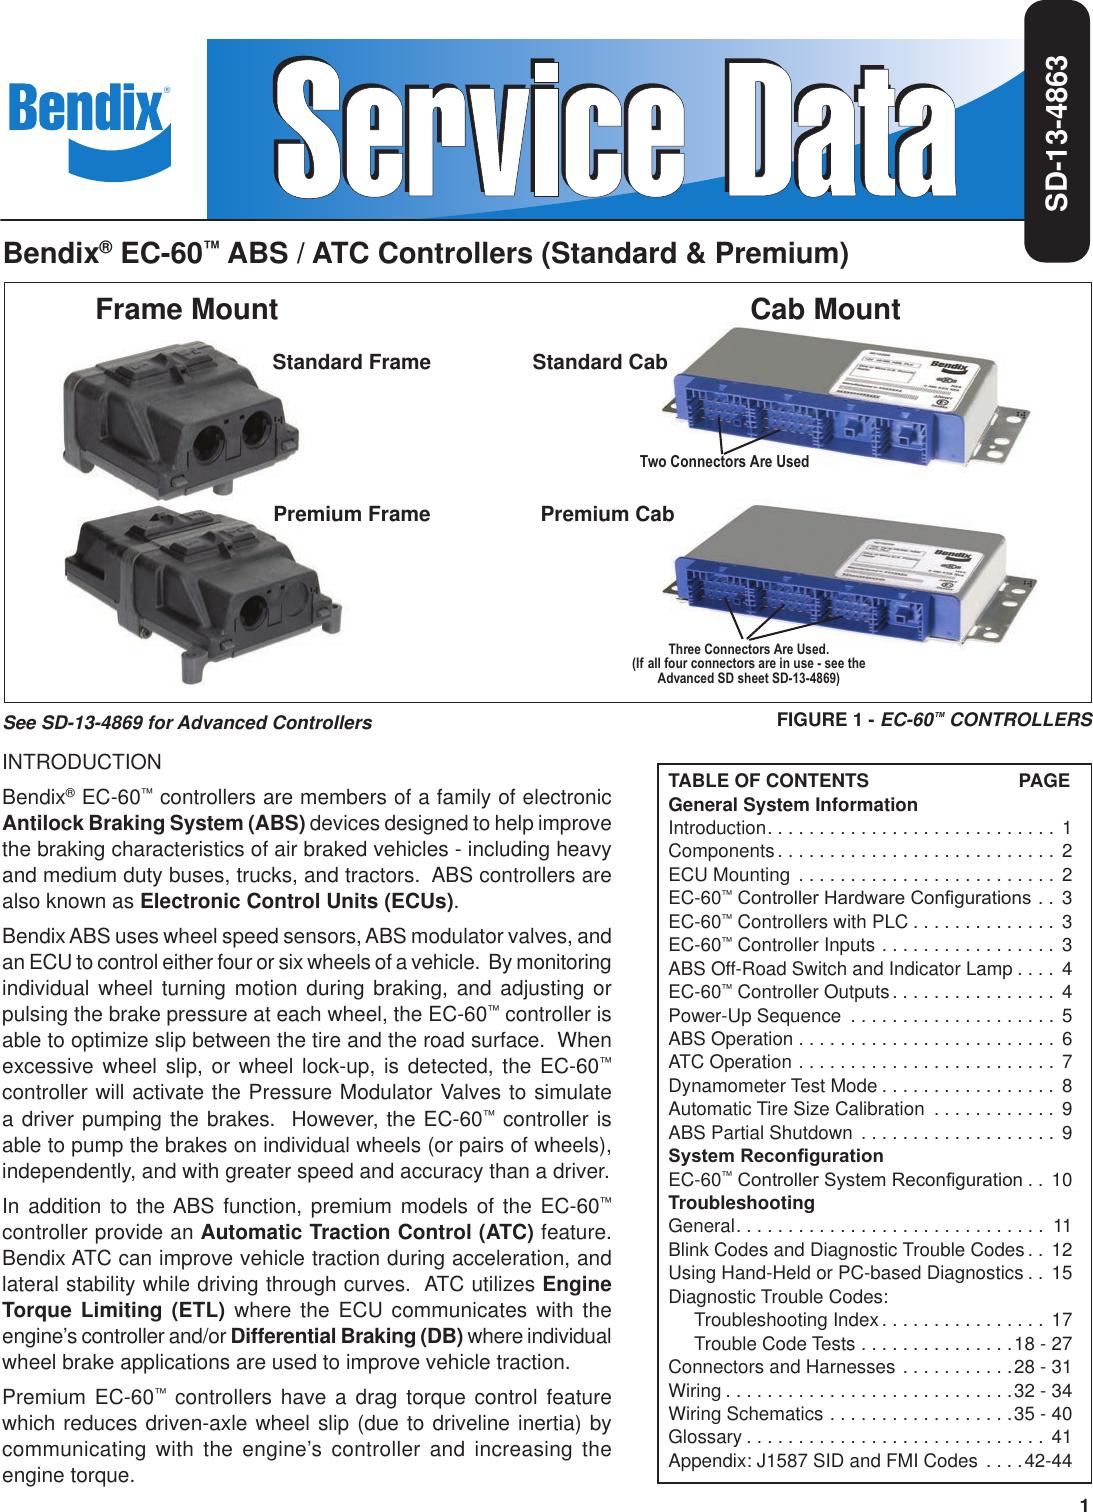 bendix abs fault code 37